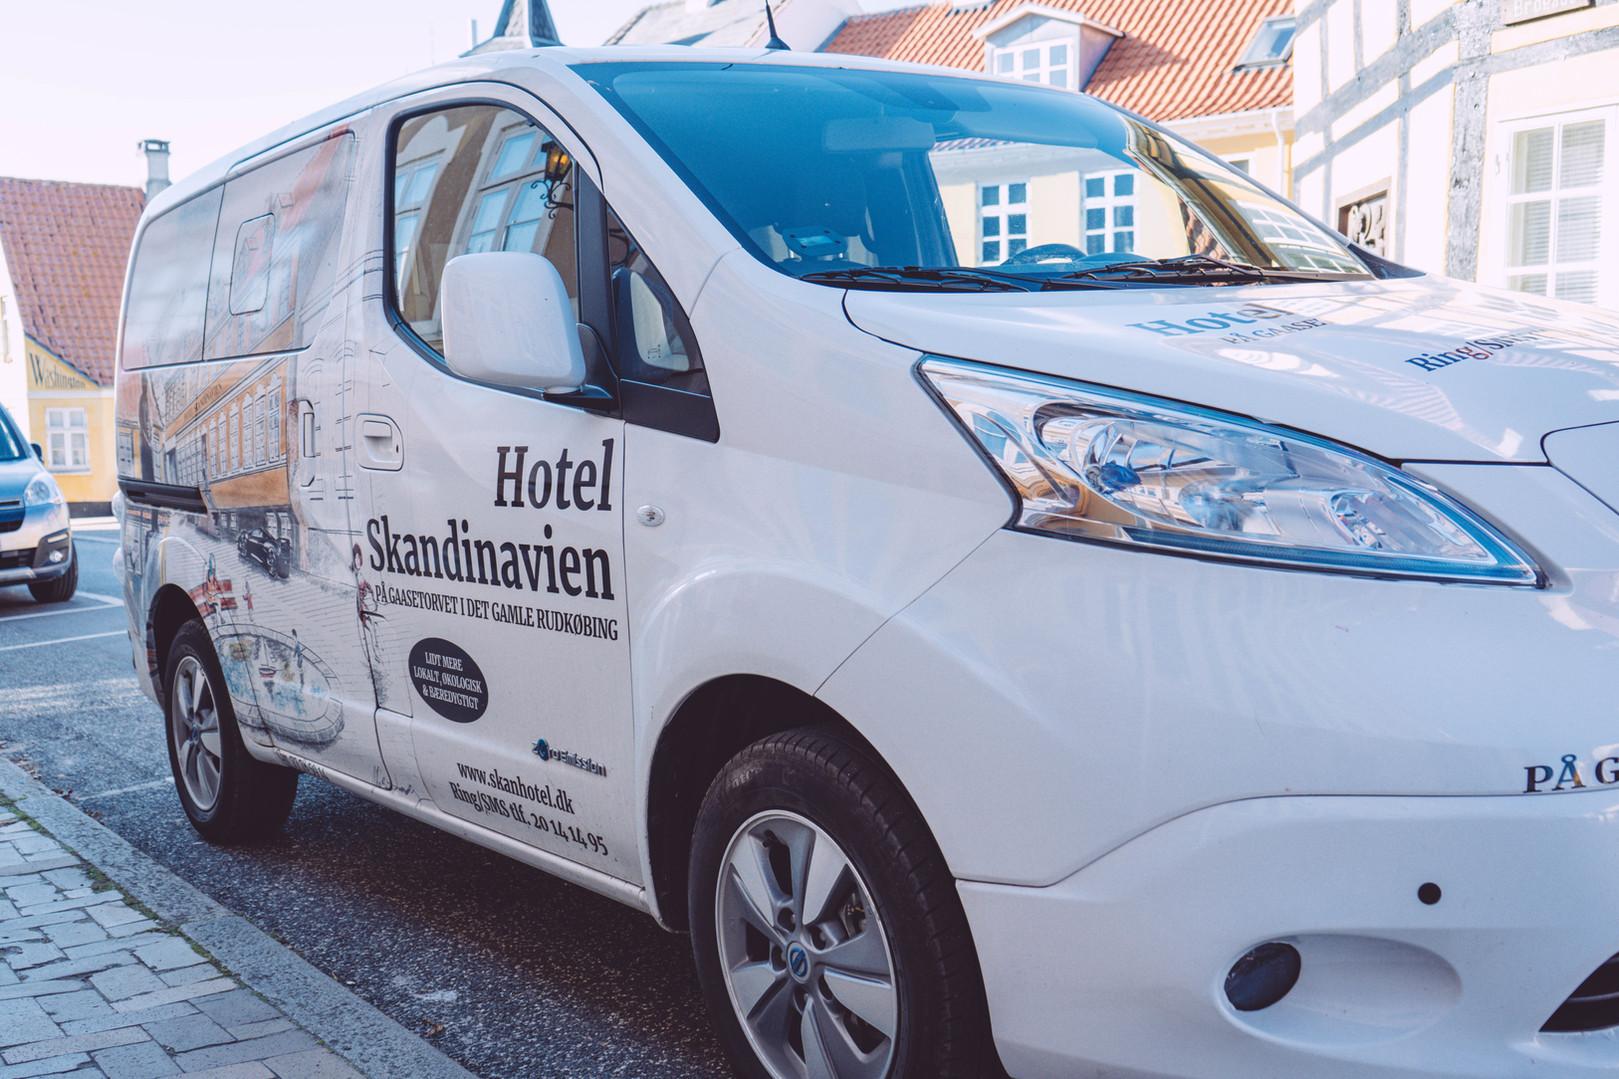 hotel skandinavien